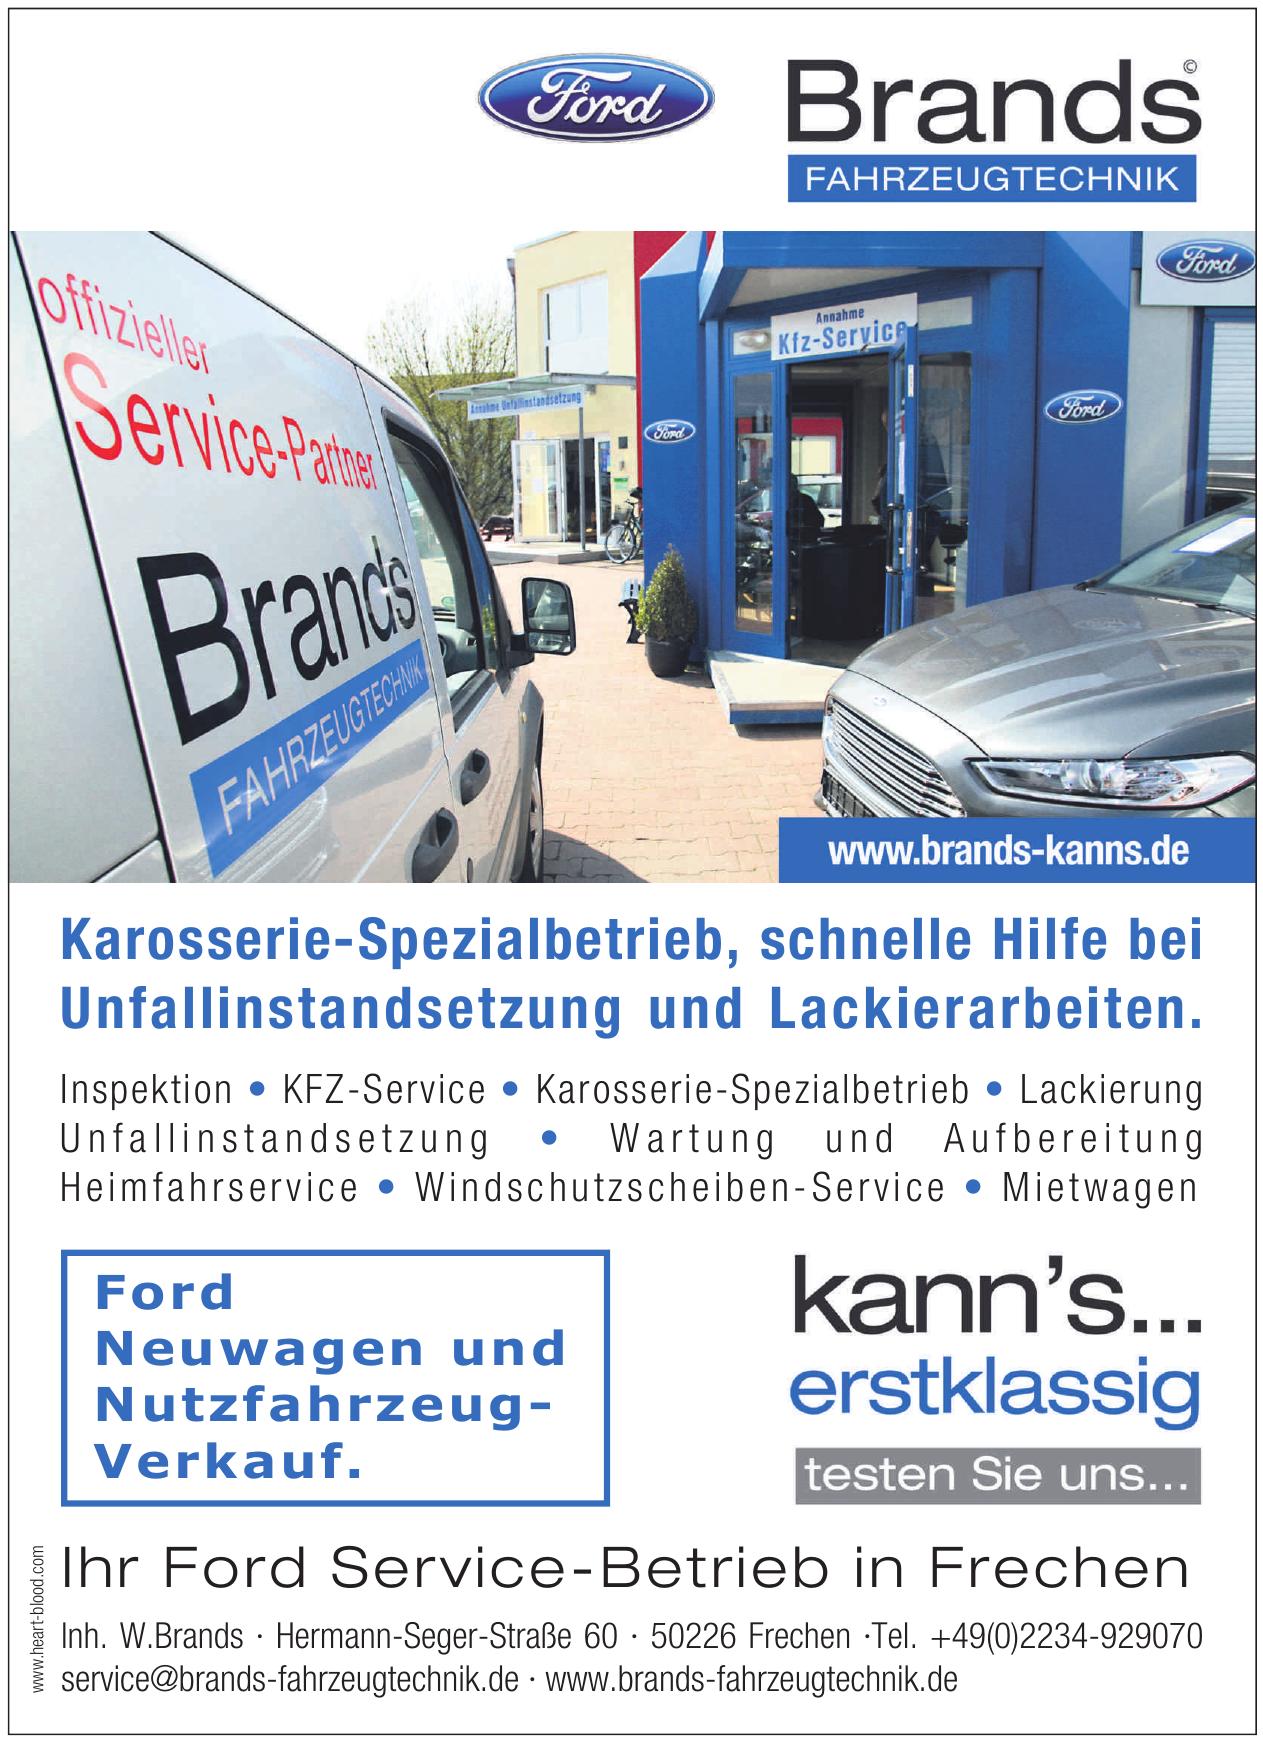 Brands Fahrzeugtechnik